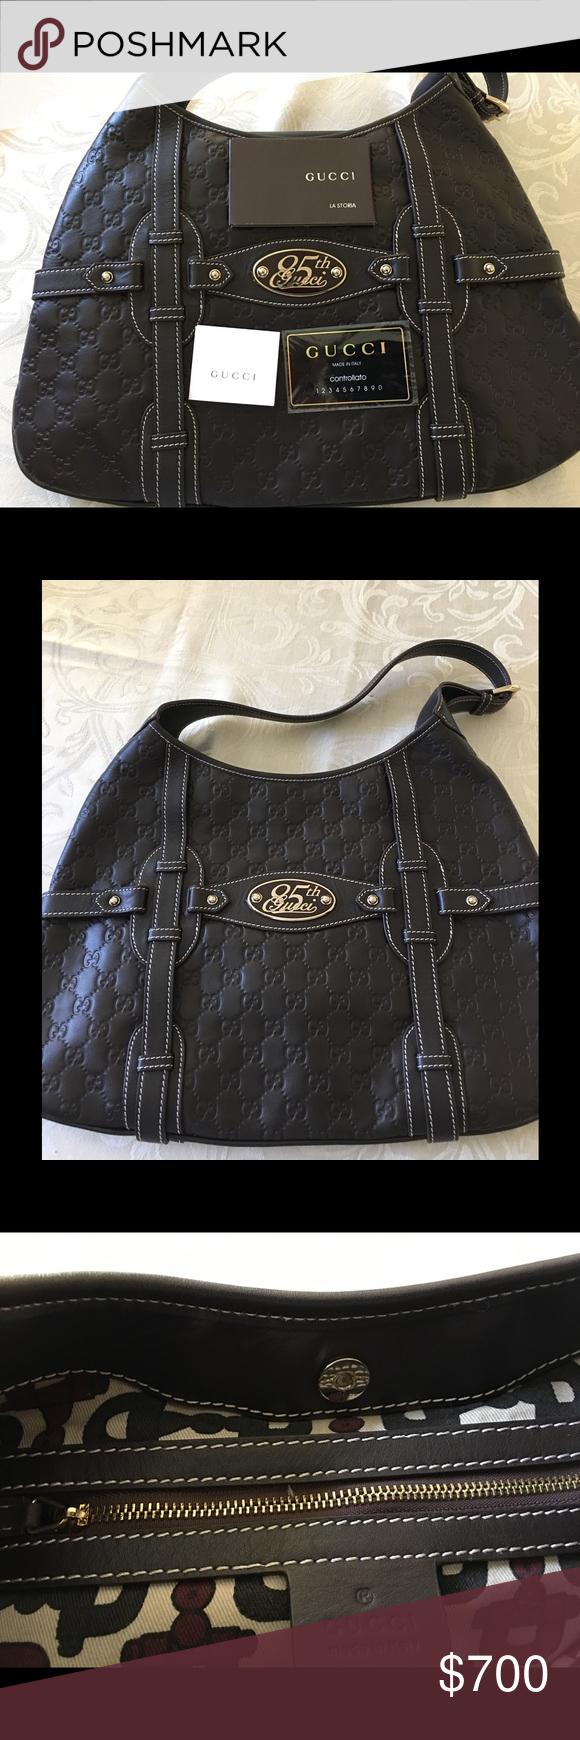 4b0fdee79969 Gucci 85th Anniversary Hobo Brown Guccisima leathe Gucci Limited Edition  Medium 85th Anniversary Hobo! Made